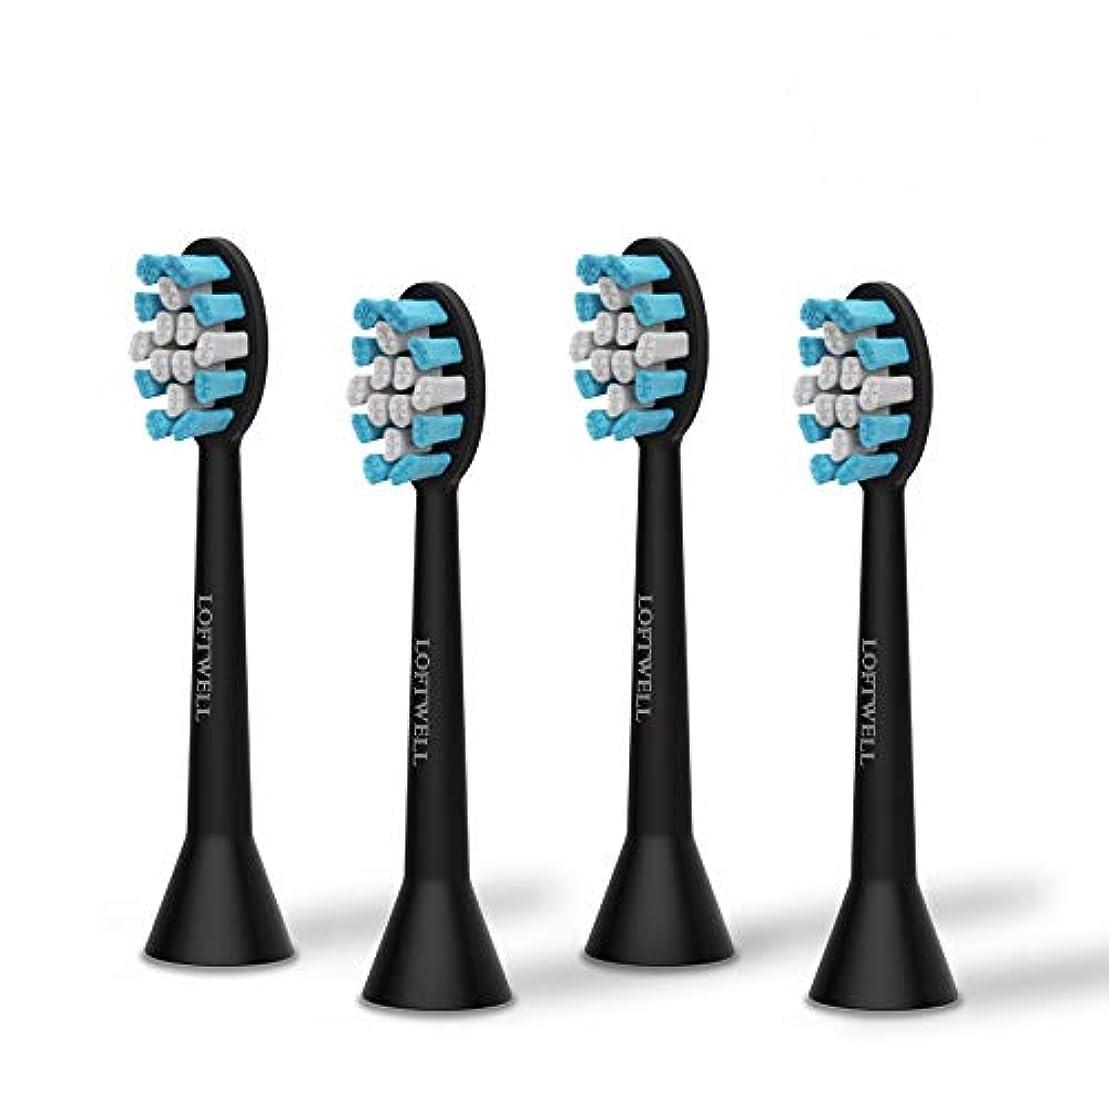 前提レシピアカデミックloftwell 電動歯ブラシ 超音波振動歯ブラシ 4モード 各モードの振動が3段階調節可 音波歯ブラシ USB充電式 (D5とD9通用替えブラシ)